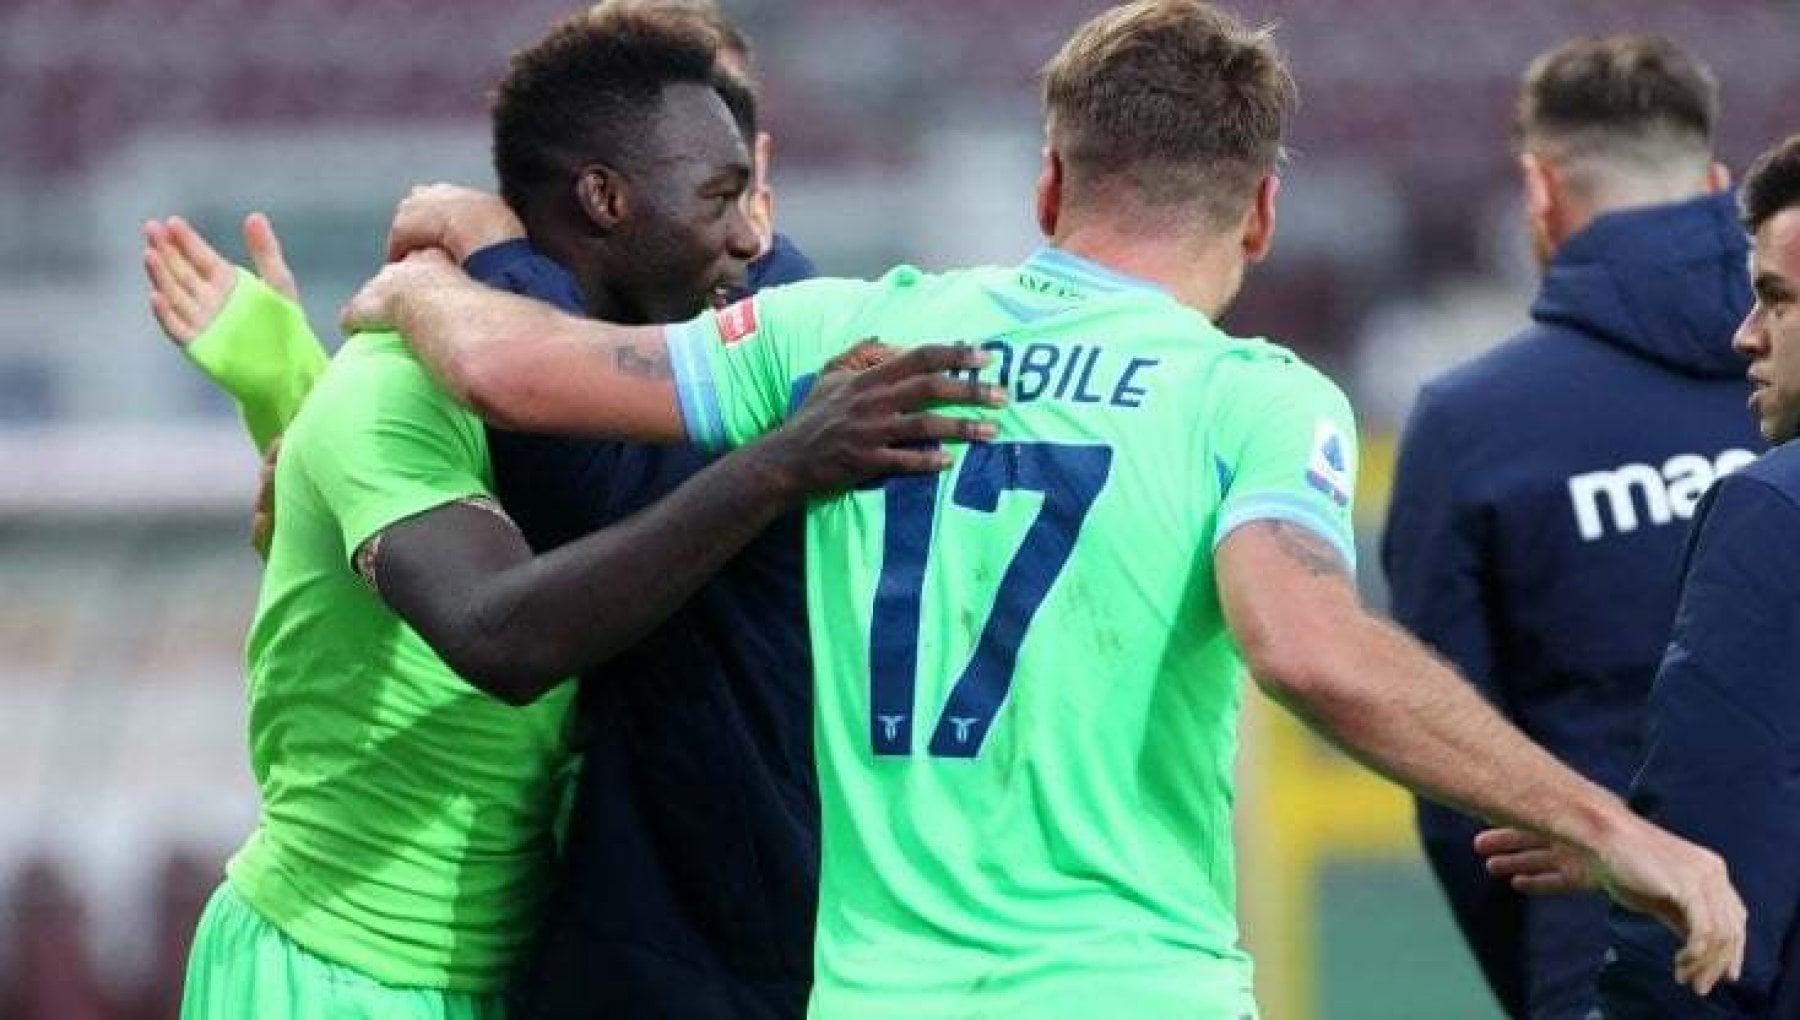 Lazio, la nuova maglia sarà verde: addio al biancoceleste - la ...